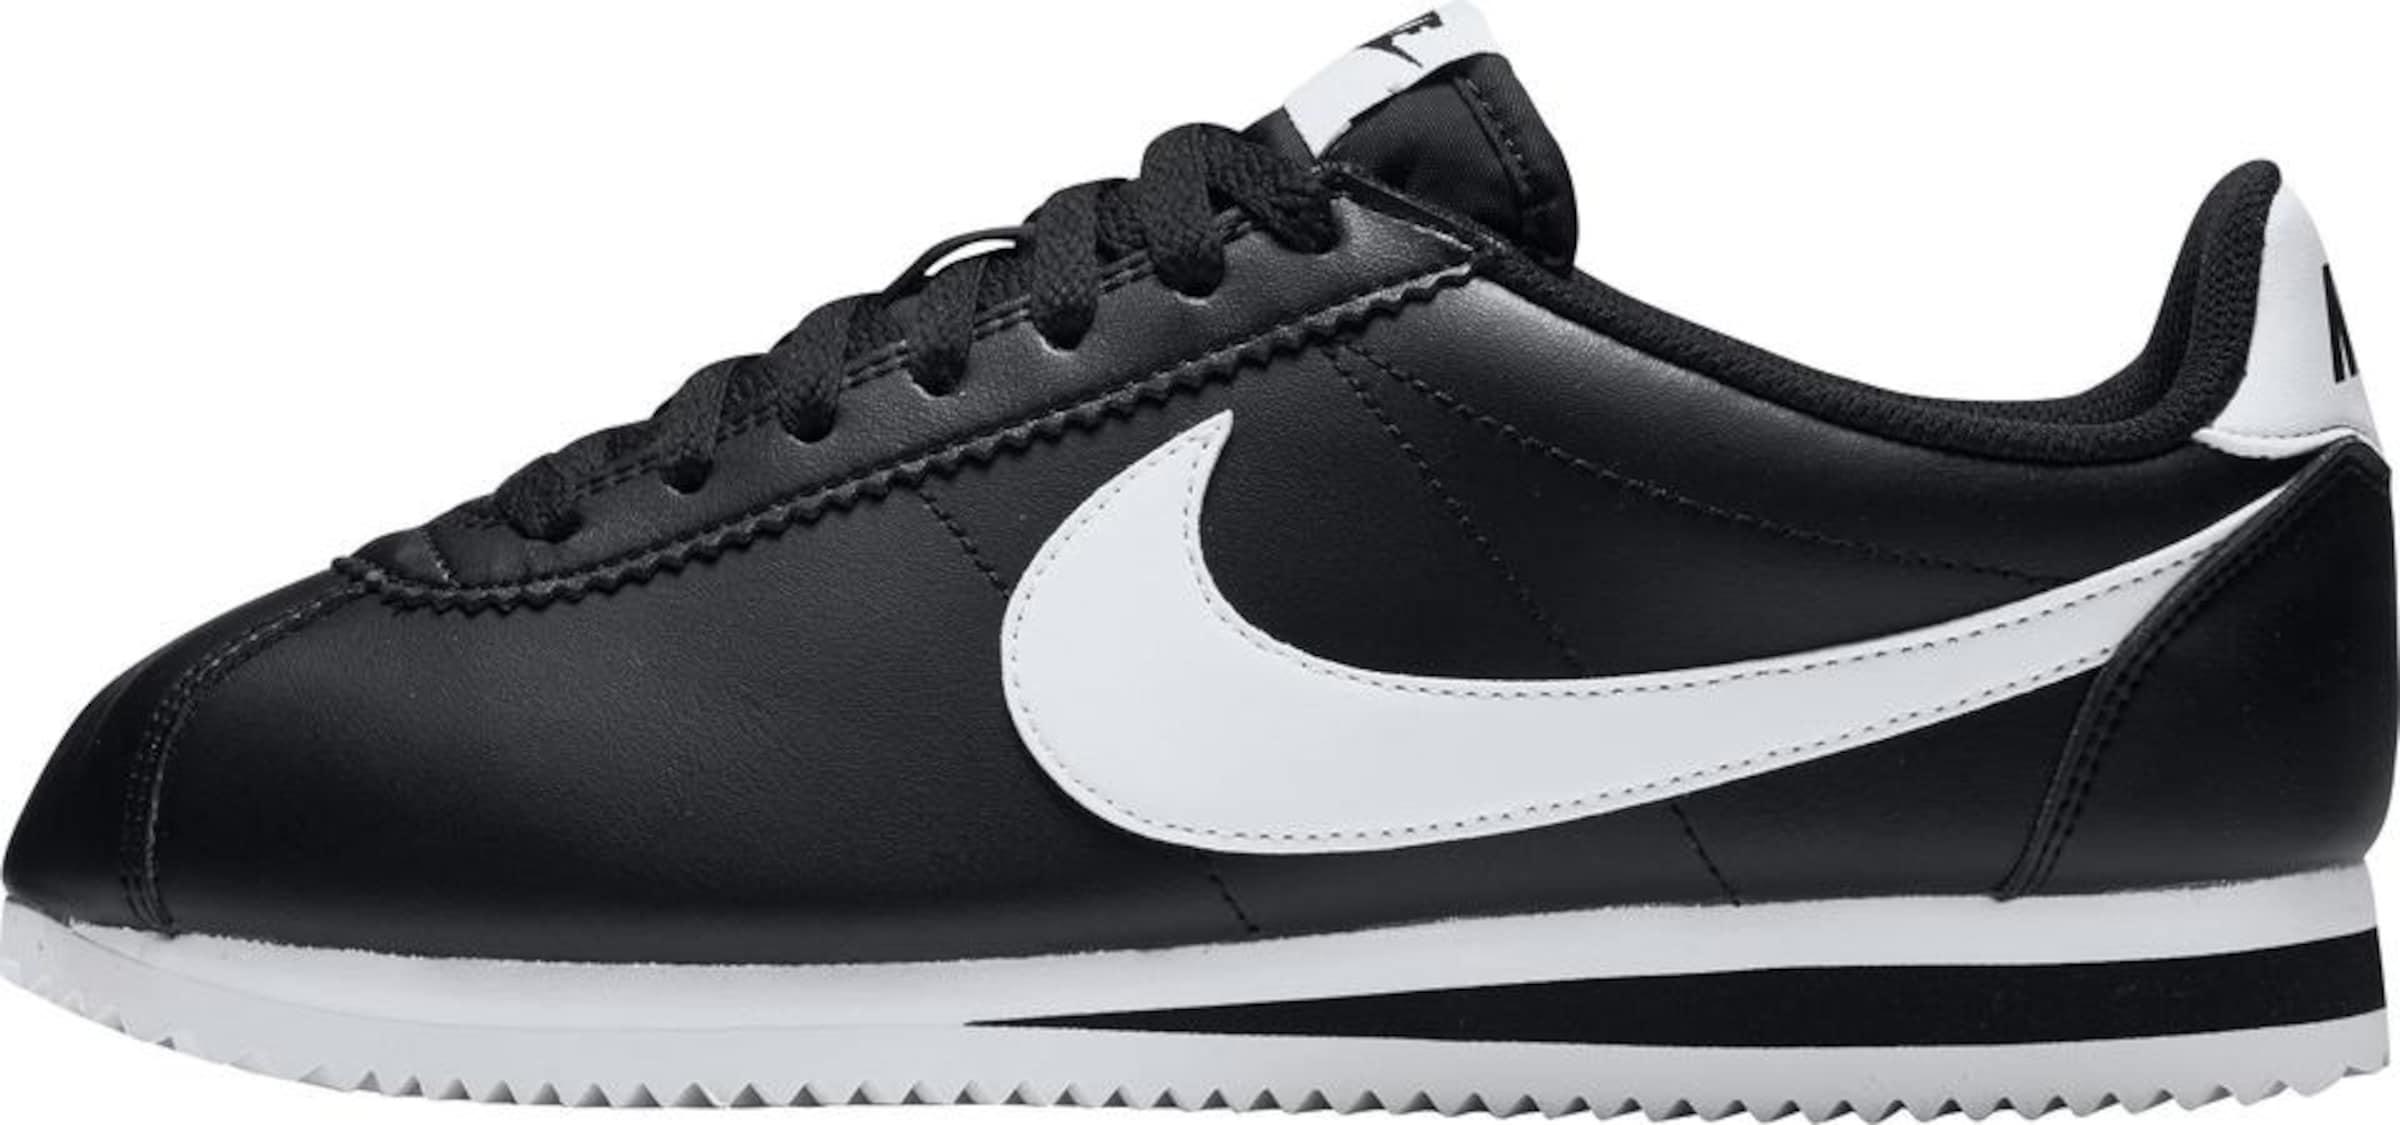 Cortez Nike Sneaker Leather' In Sportswear 'classic SchwarzWeiß v8nmN0wO